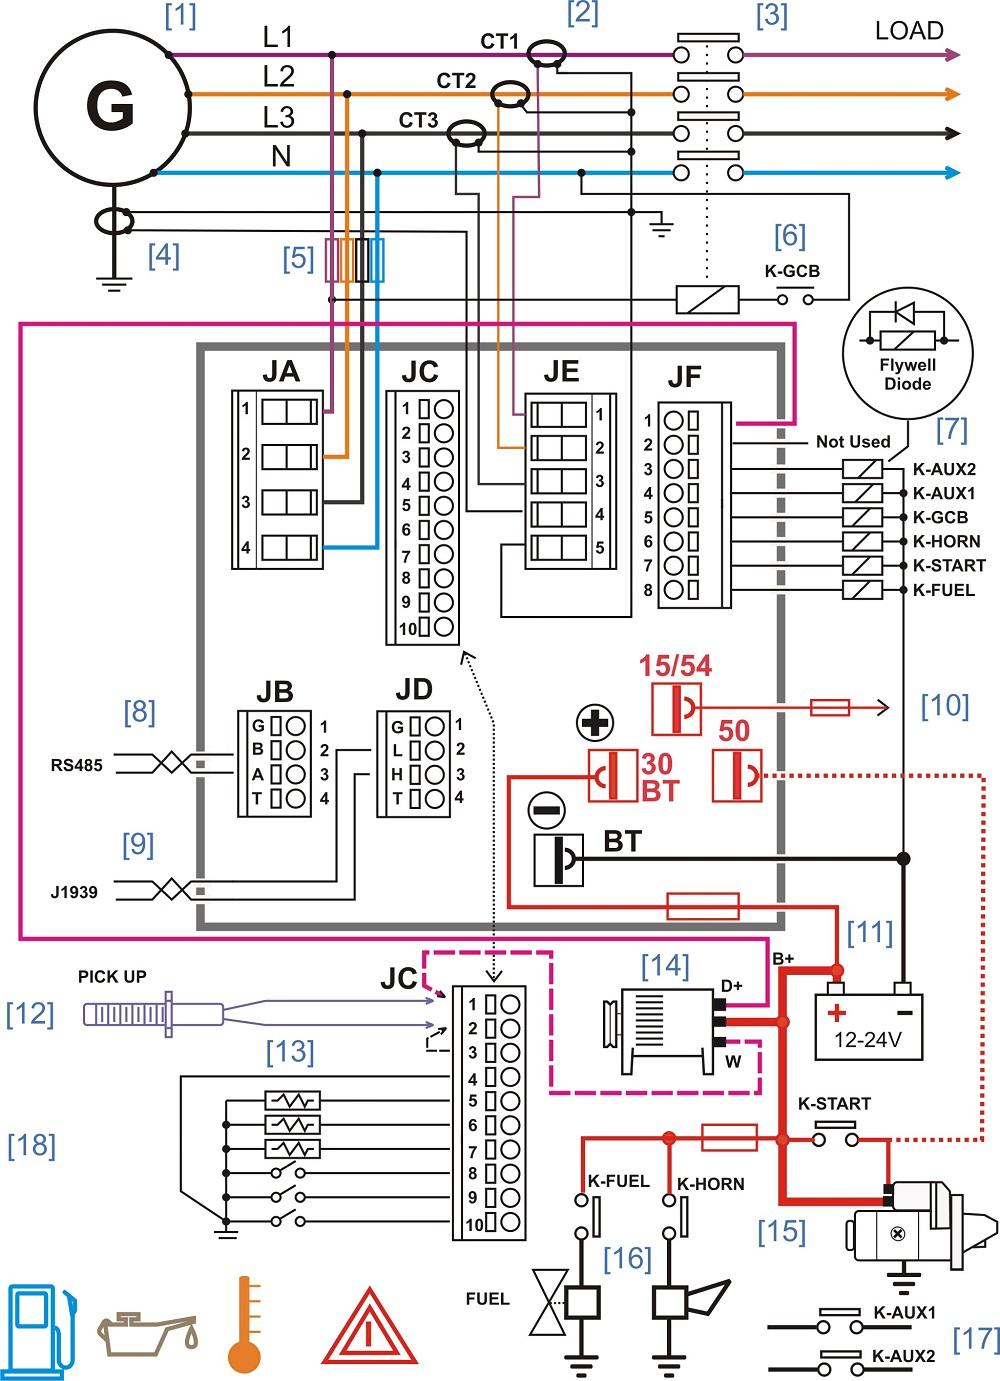 Schemi Elettrici Gruppi Elettrogeni : Controllo gruppi elettrogeni u genset controller